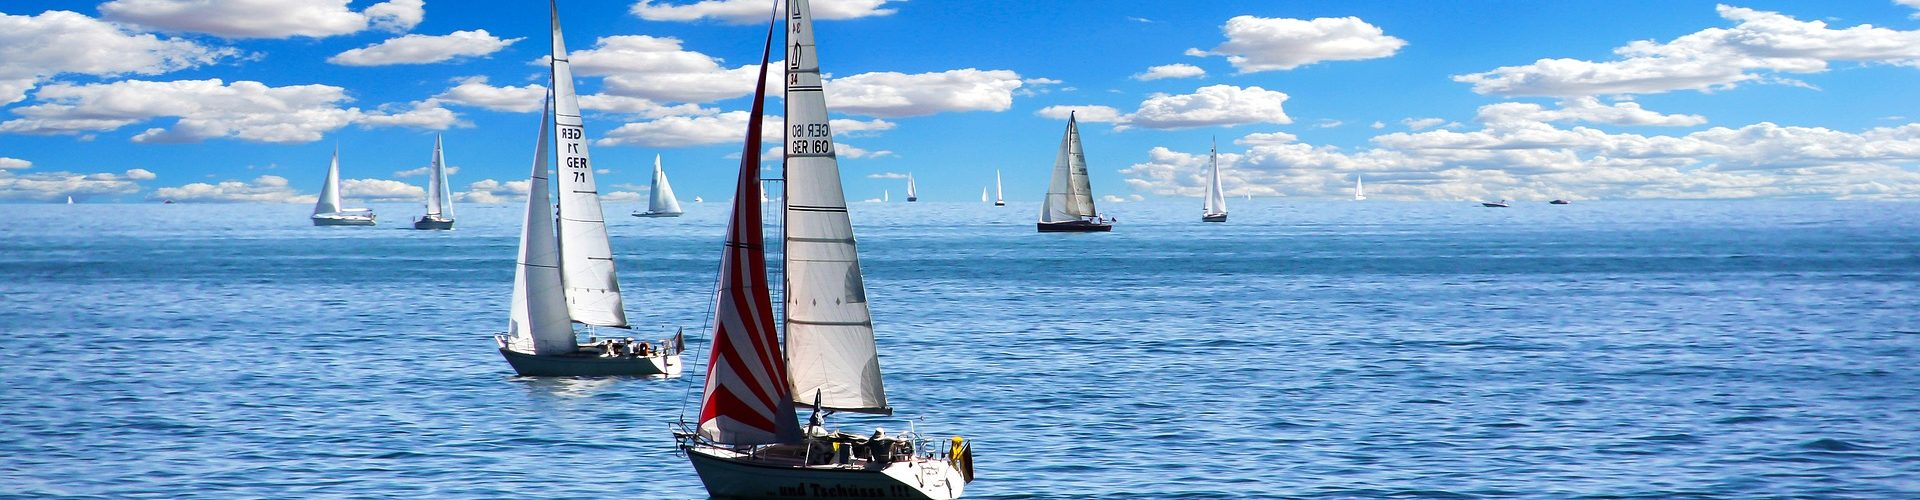 segeln lernen in Kempten segelschein machen in Kempten 1920x500 - Segeln lernen in Kempten